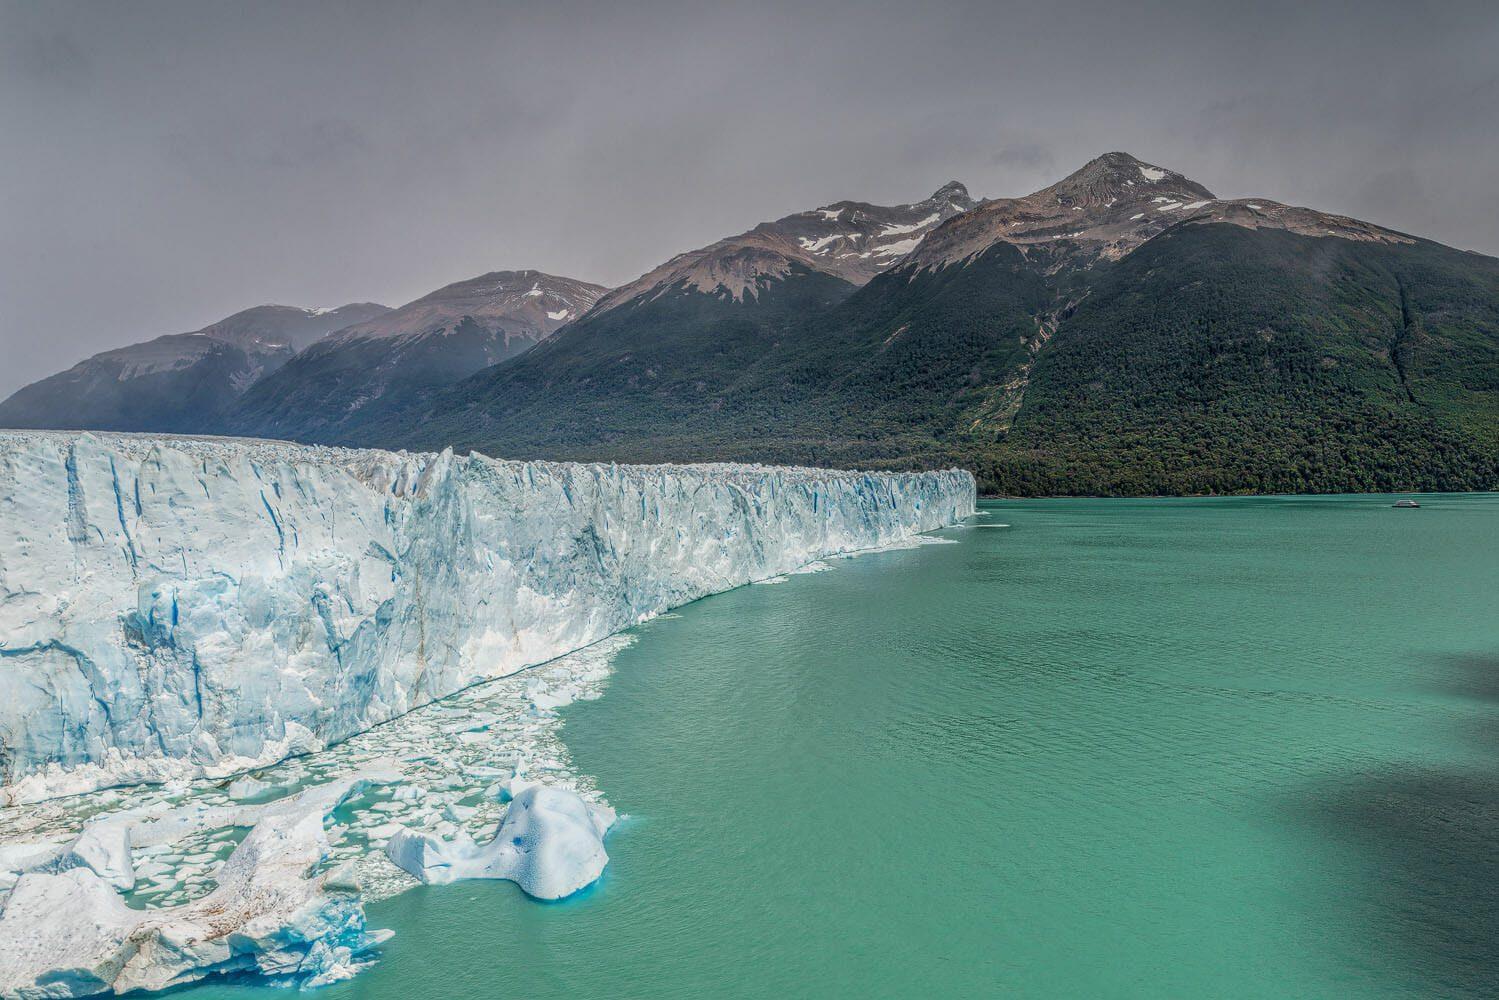 Perito Moreno glacier and Lago Argentina